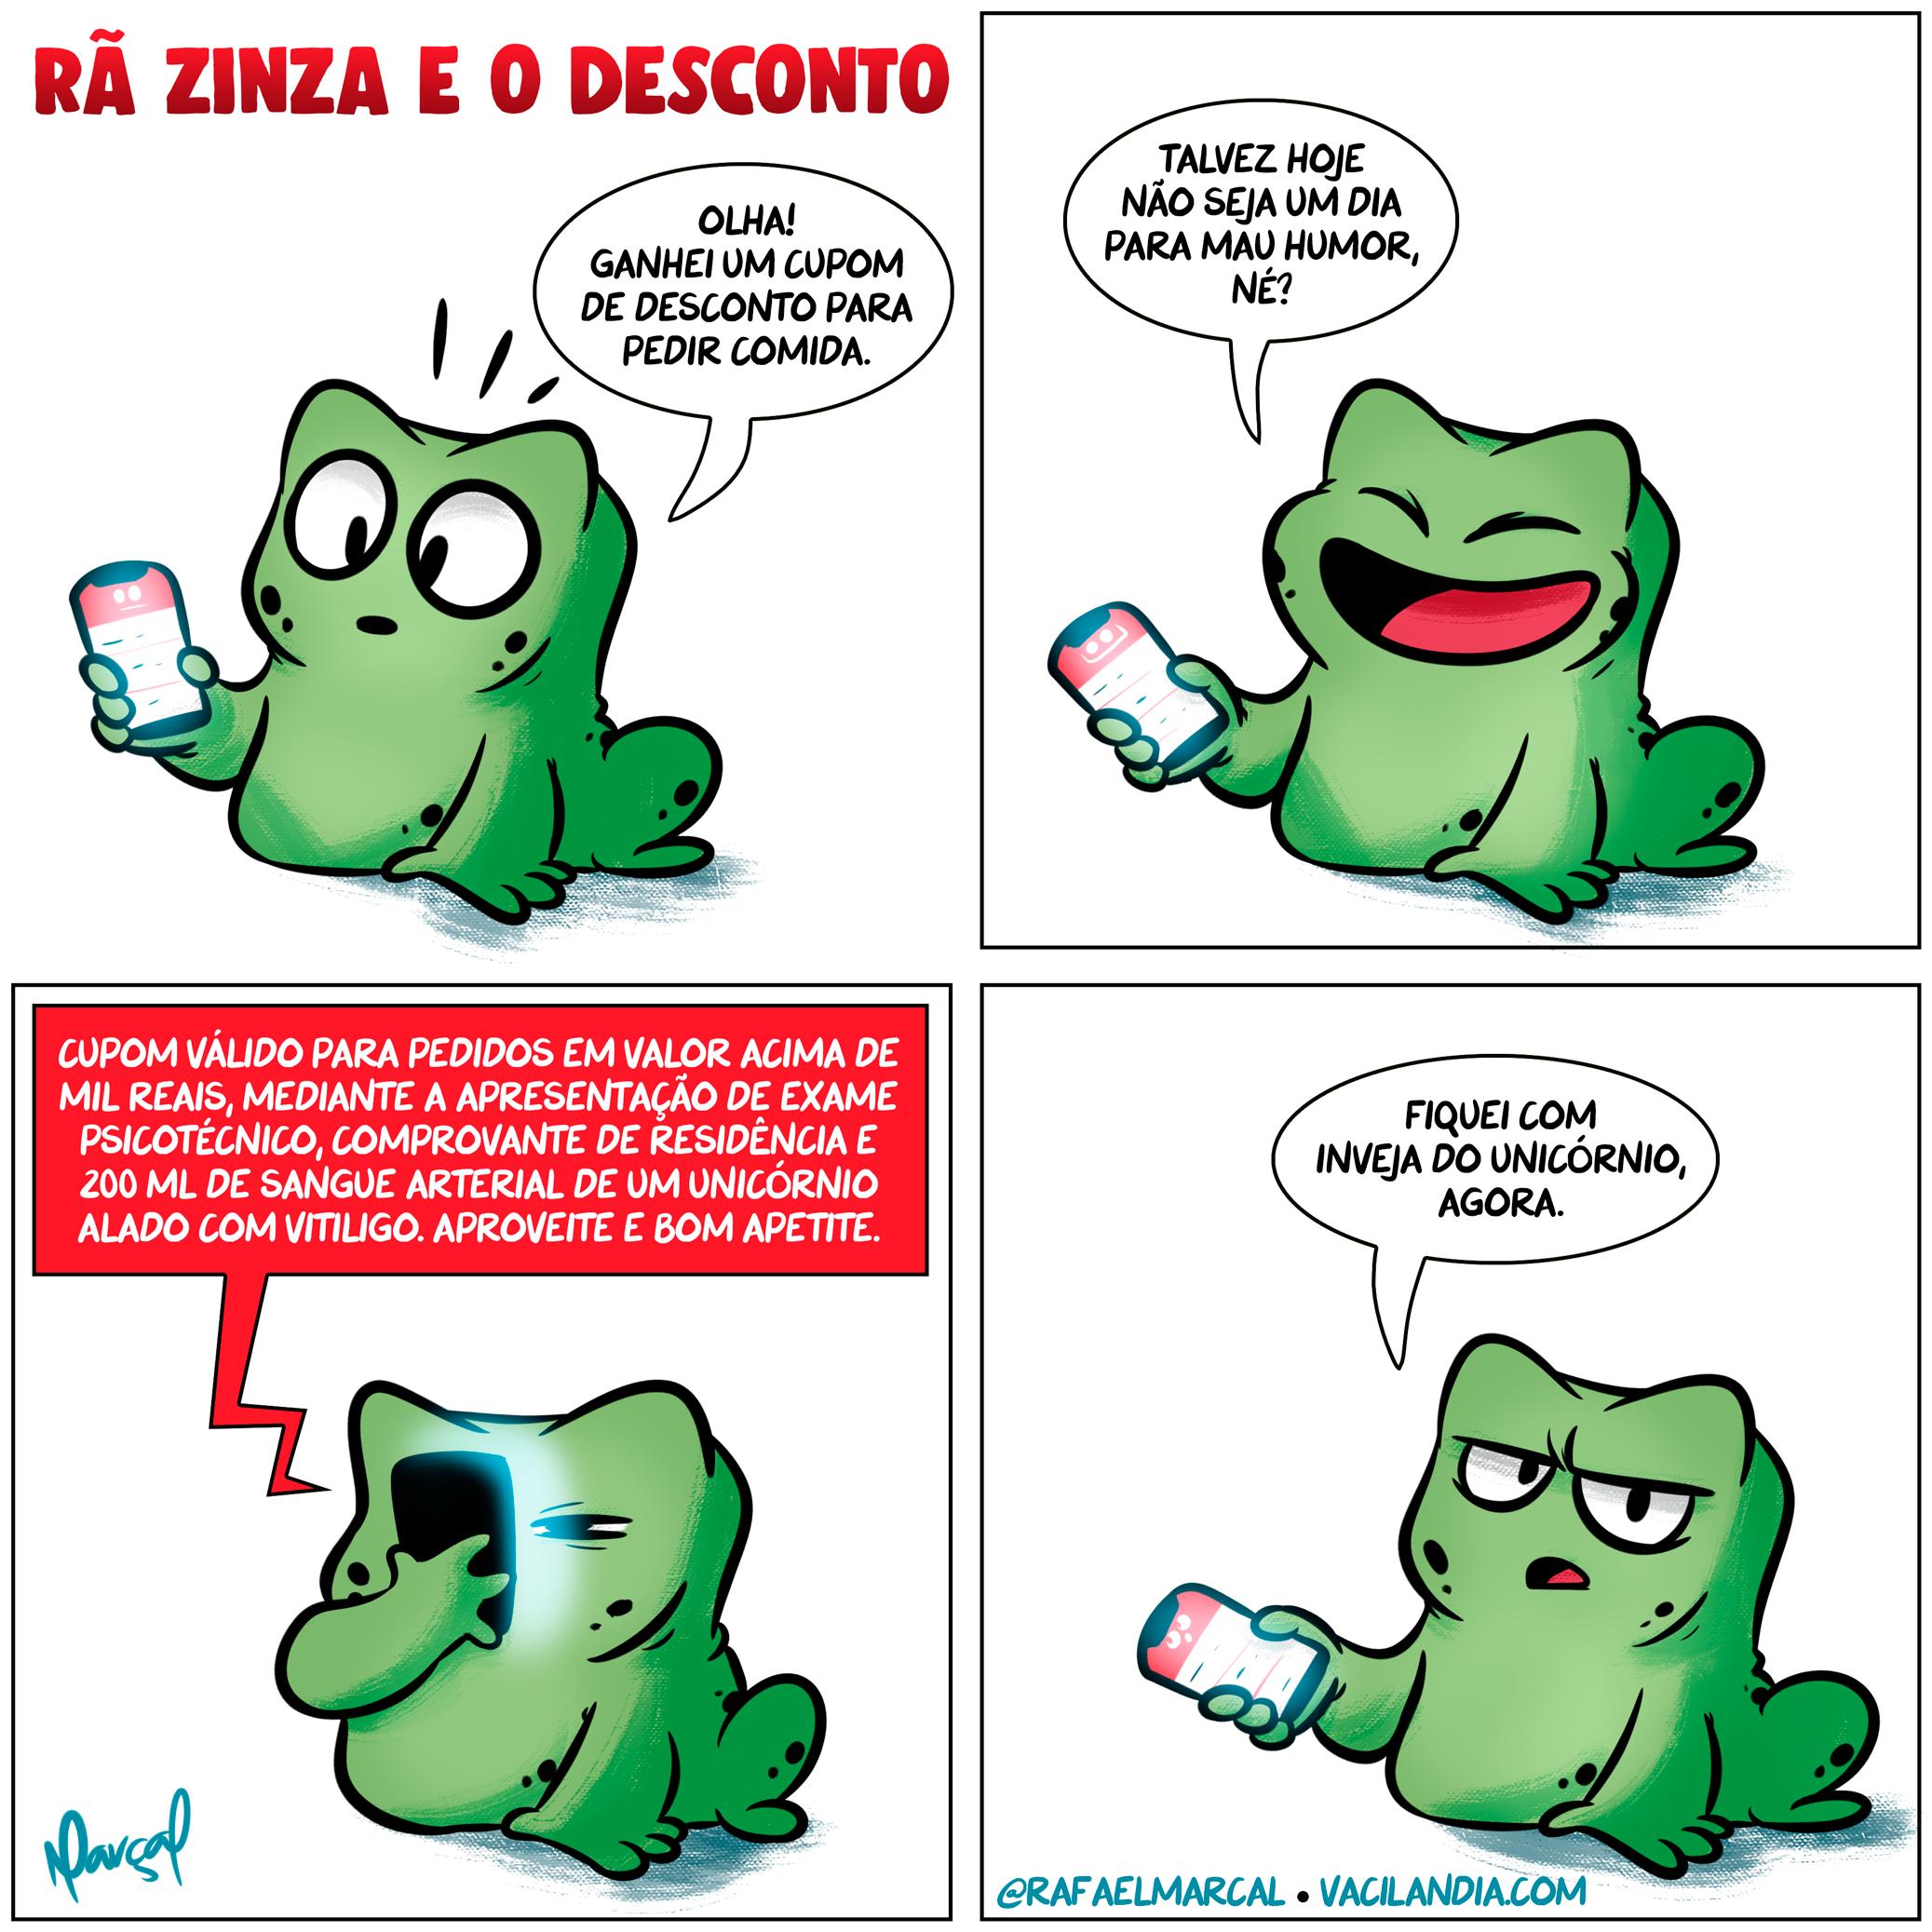 Rã Zinza e o desconto | tirinhas, ranzinza, rã zinza, quadrinhos, pedir comida, observação, memes, ifood, humor, desconto, cupom, comida, celular, asterisco, app